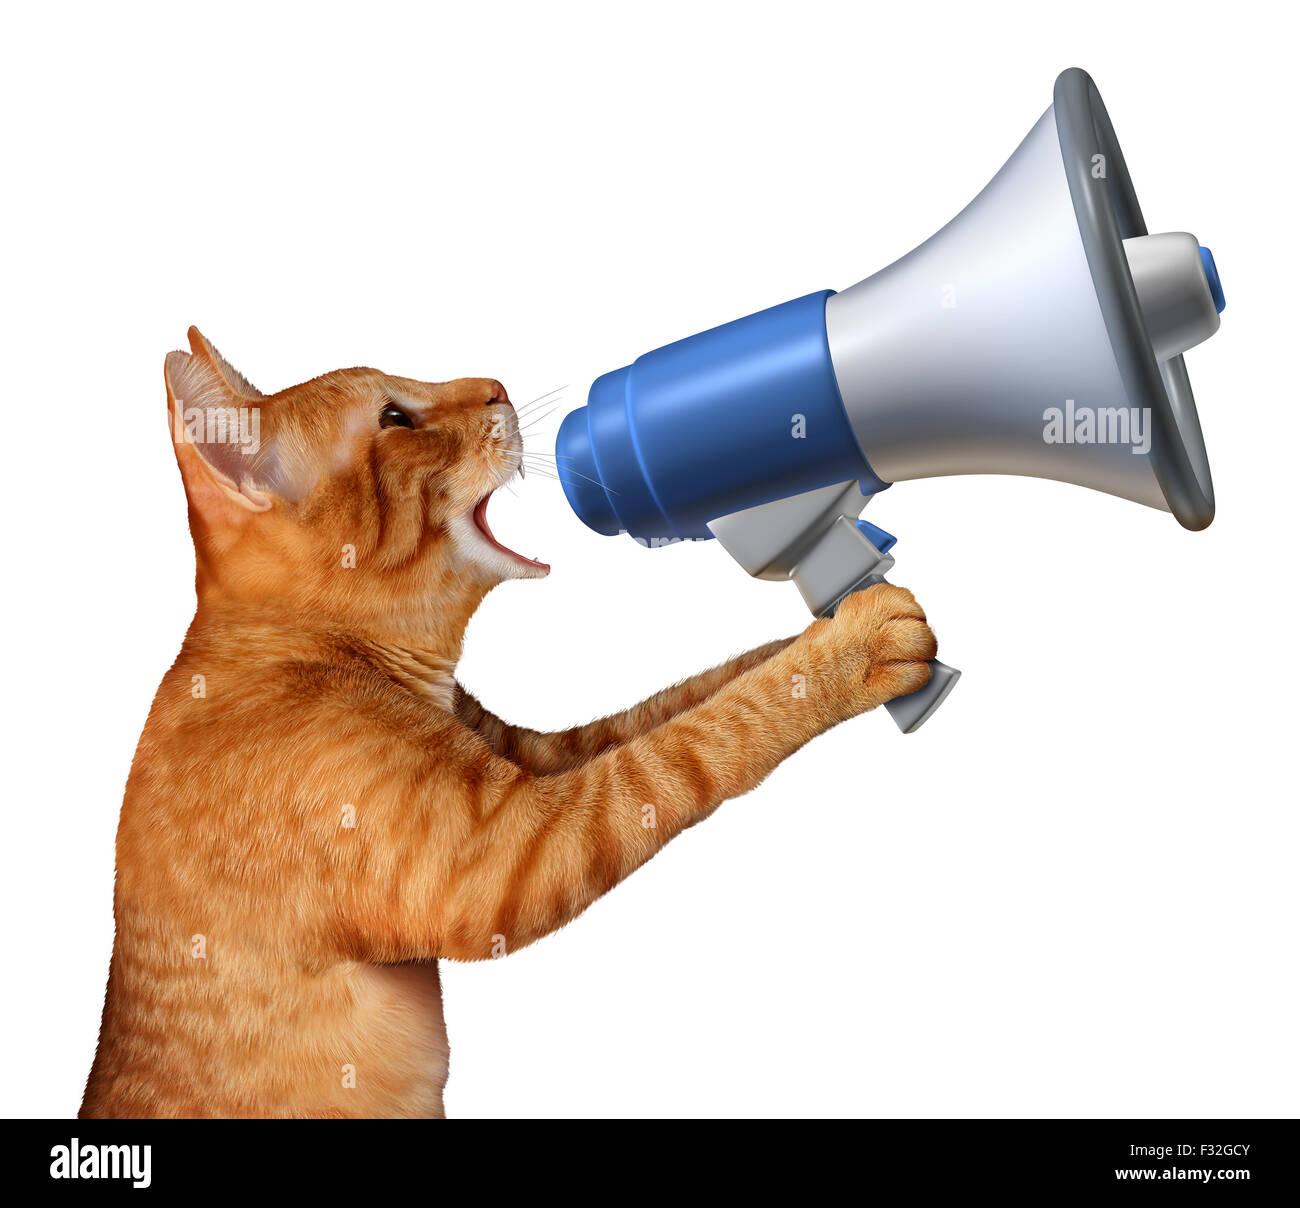 Annuncio Cat nozione come un felino generico tenendo un bullhorn o megafono per annunciare notizie o promuovere Immagini Stock